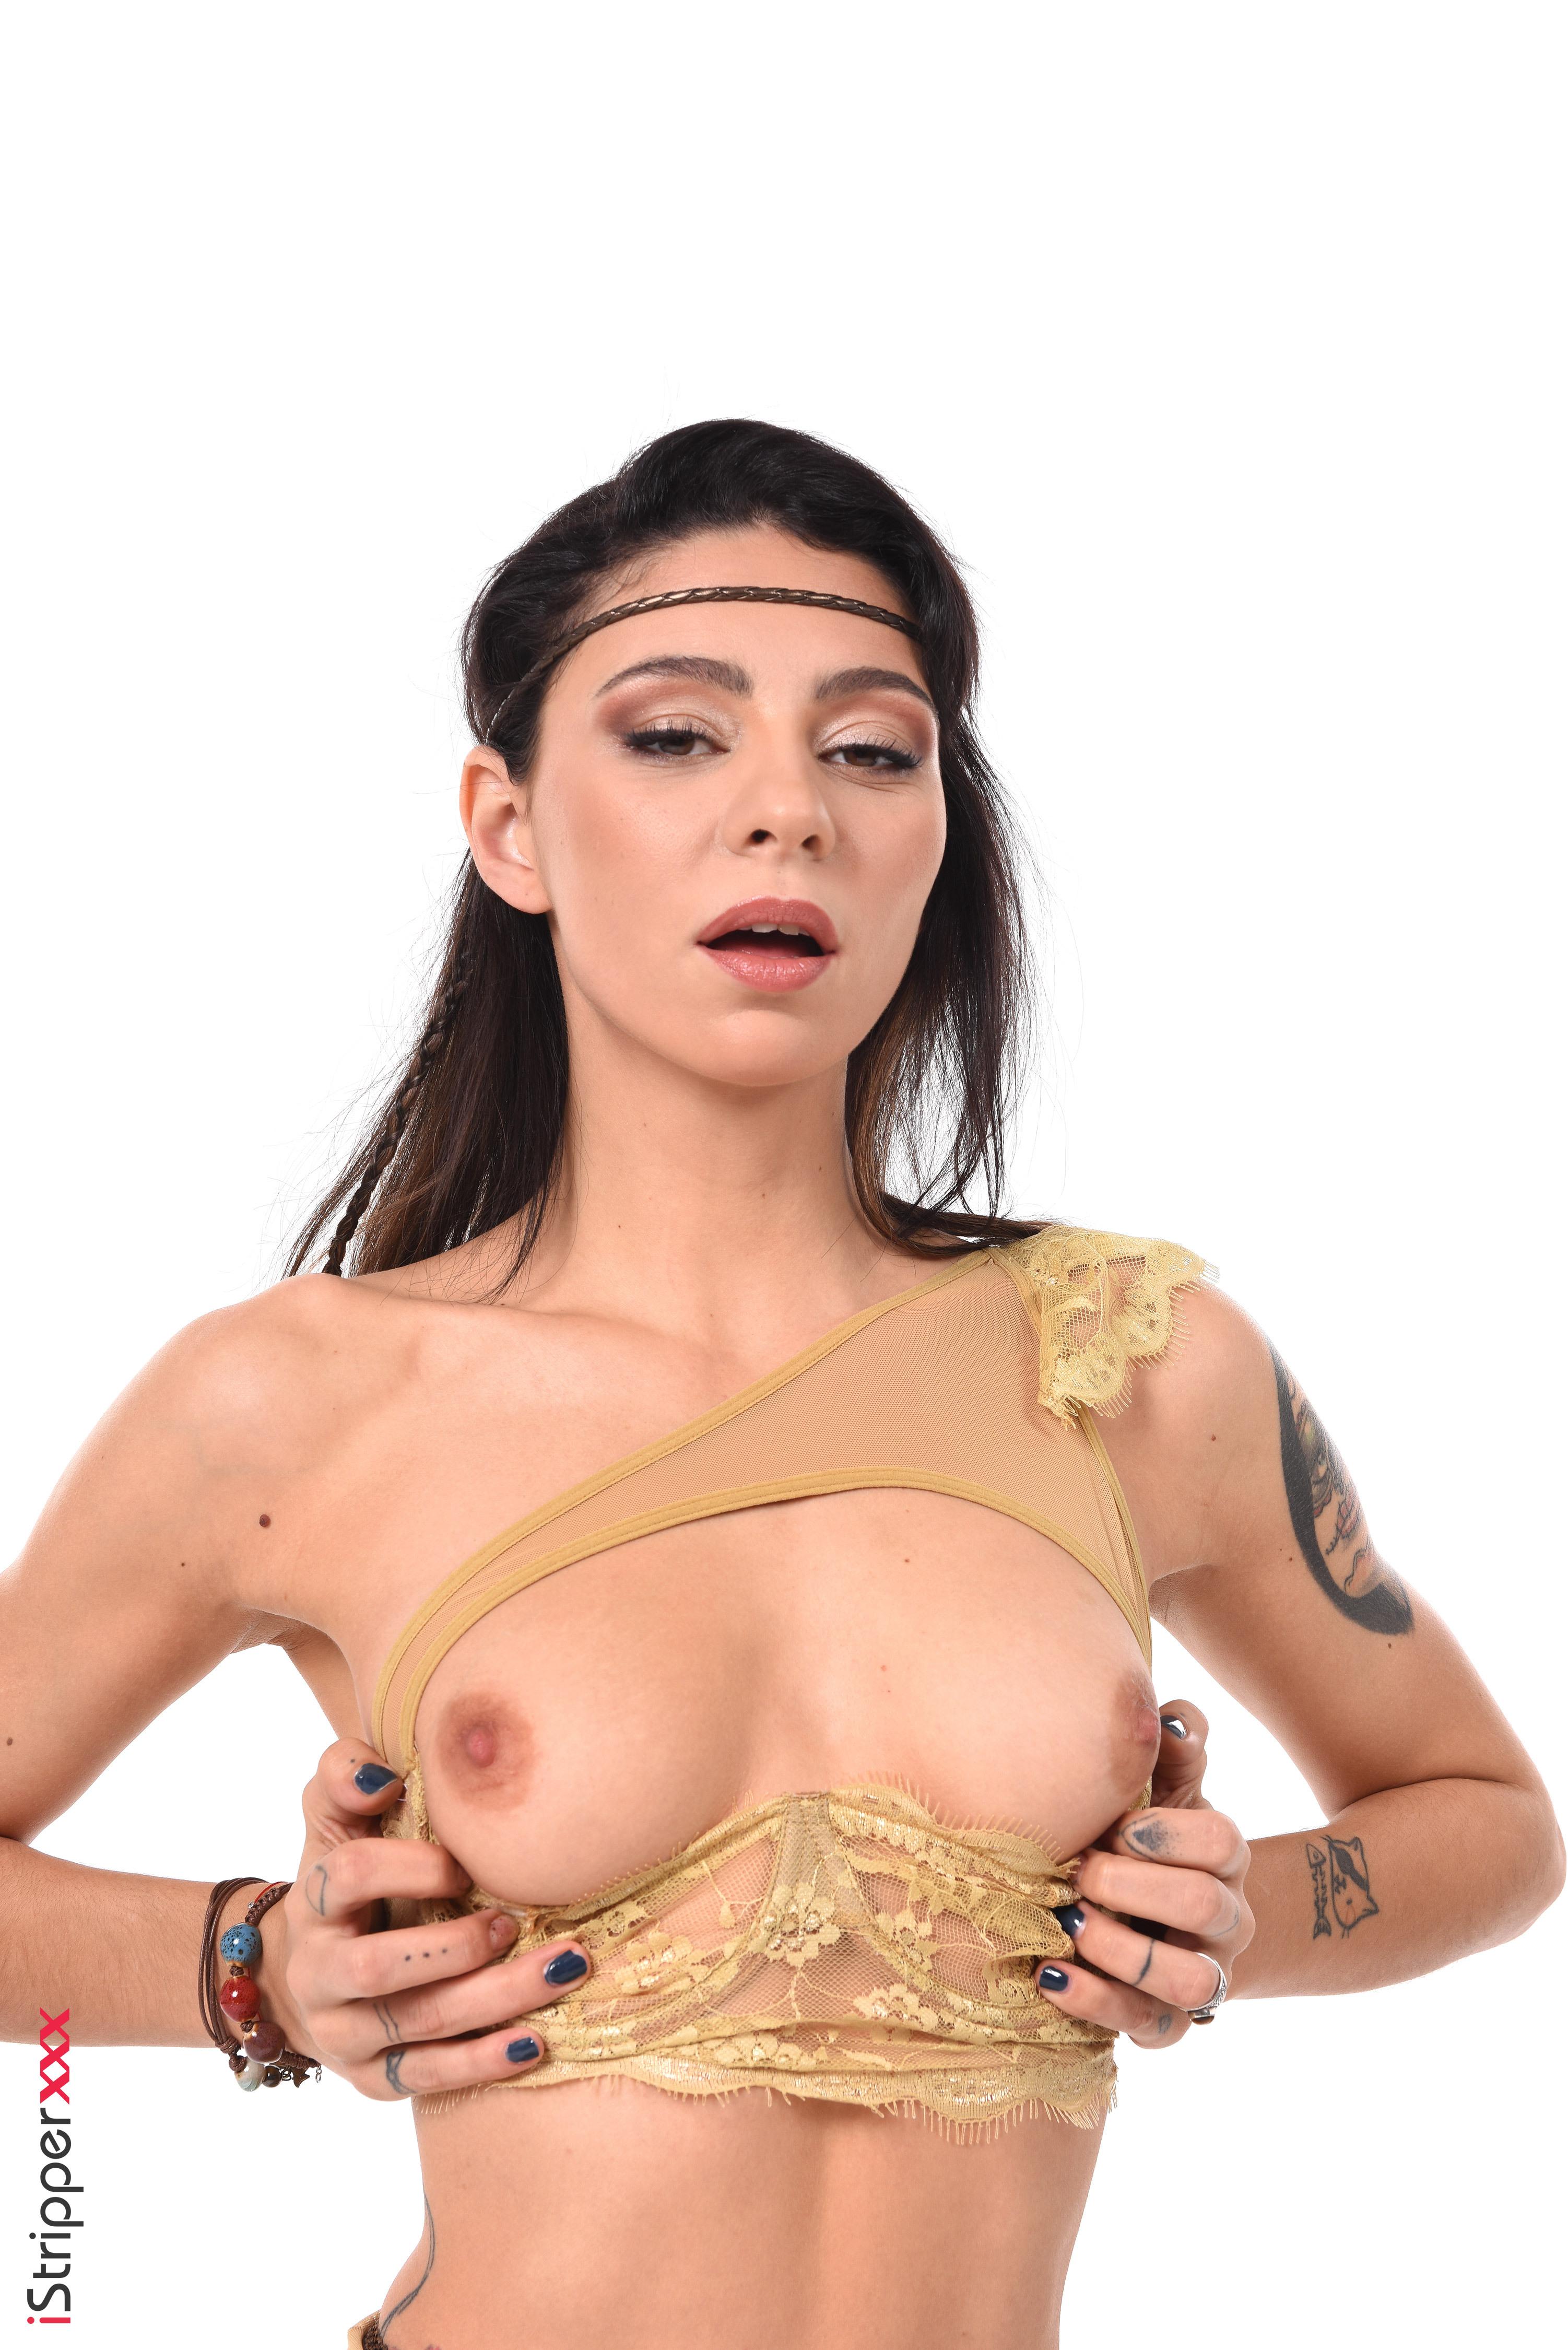 huge boobs wallpaper